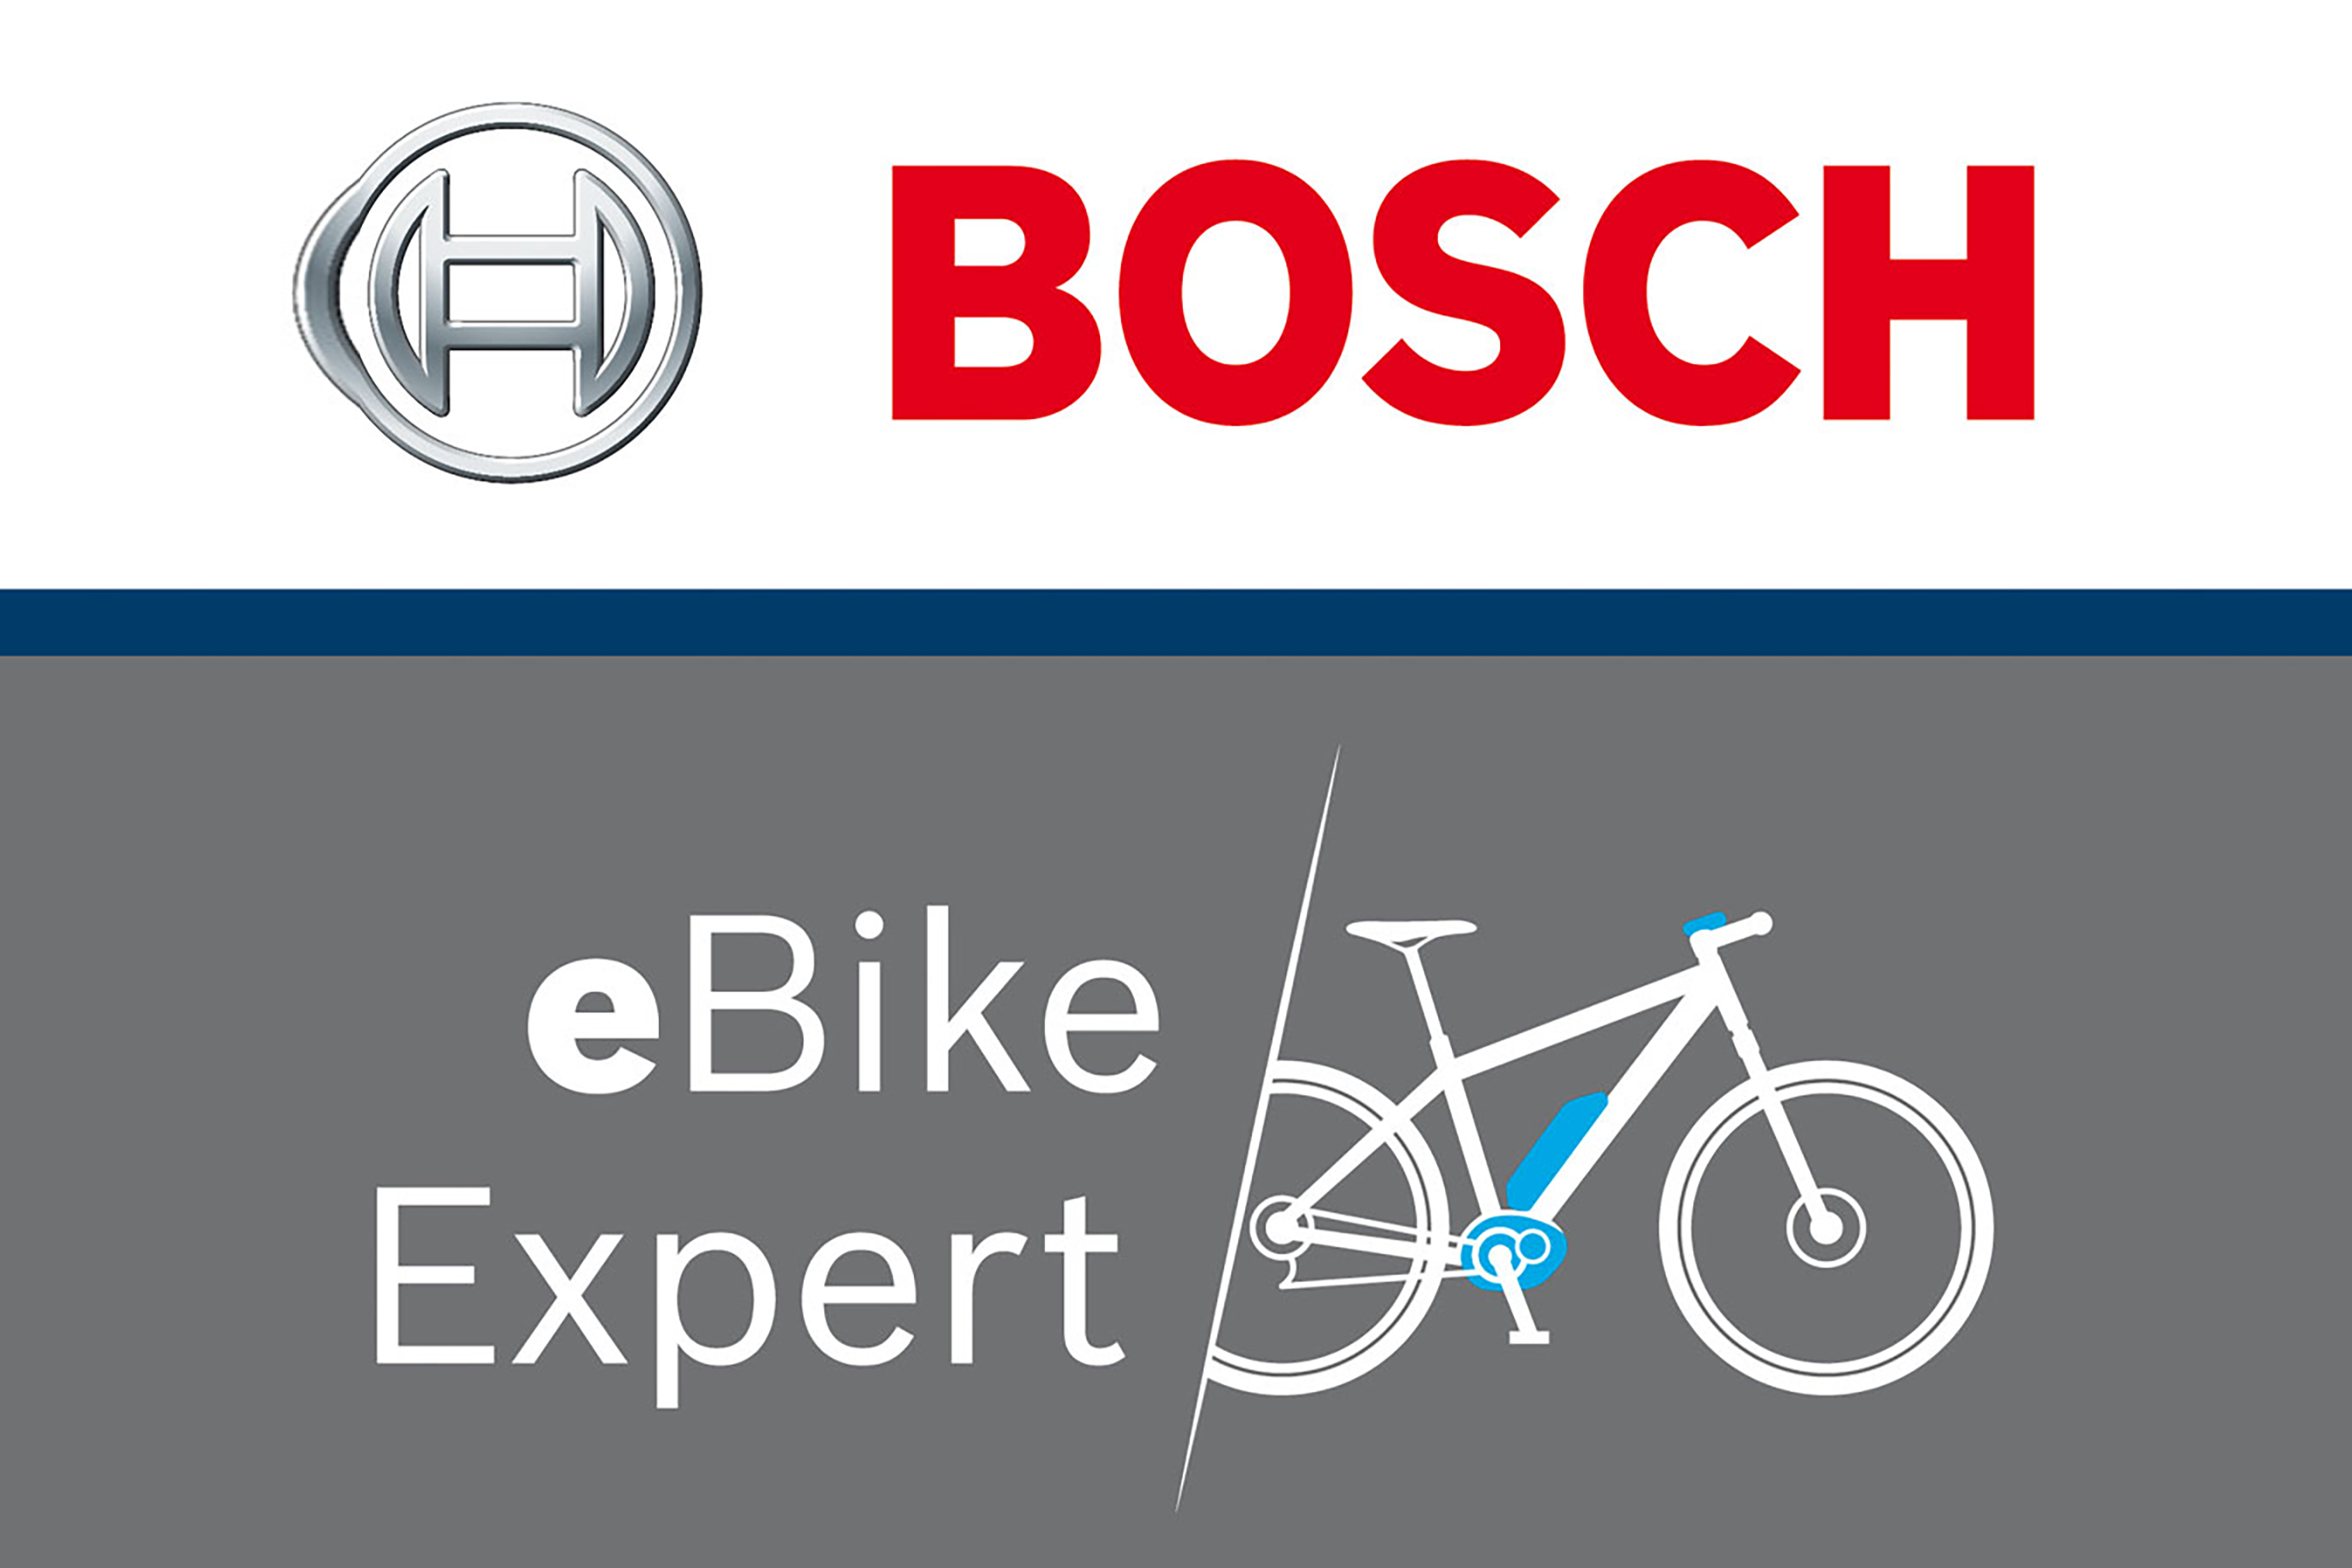 bosch-ebike-expert-sauer